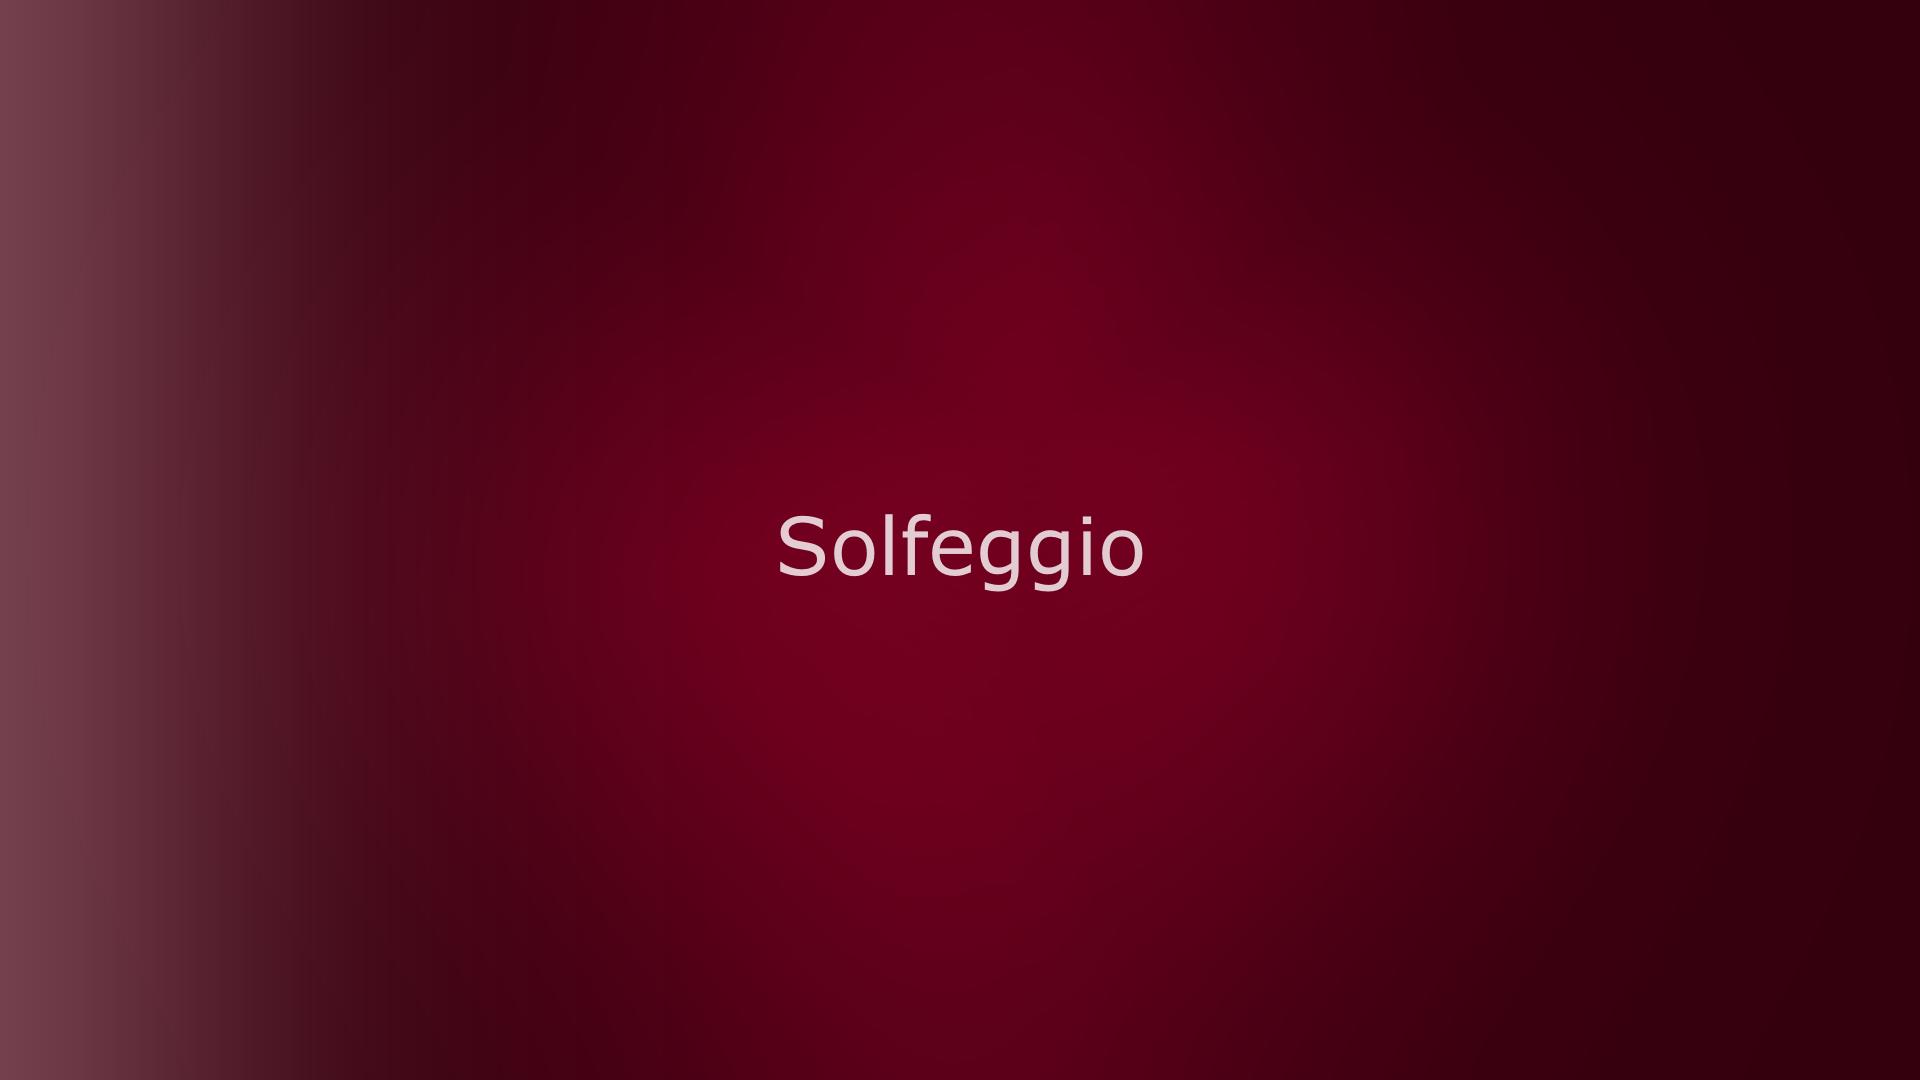 dark reddish color under solfeggio text block